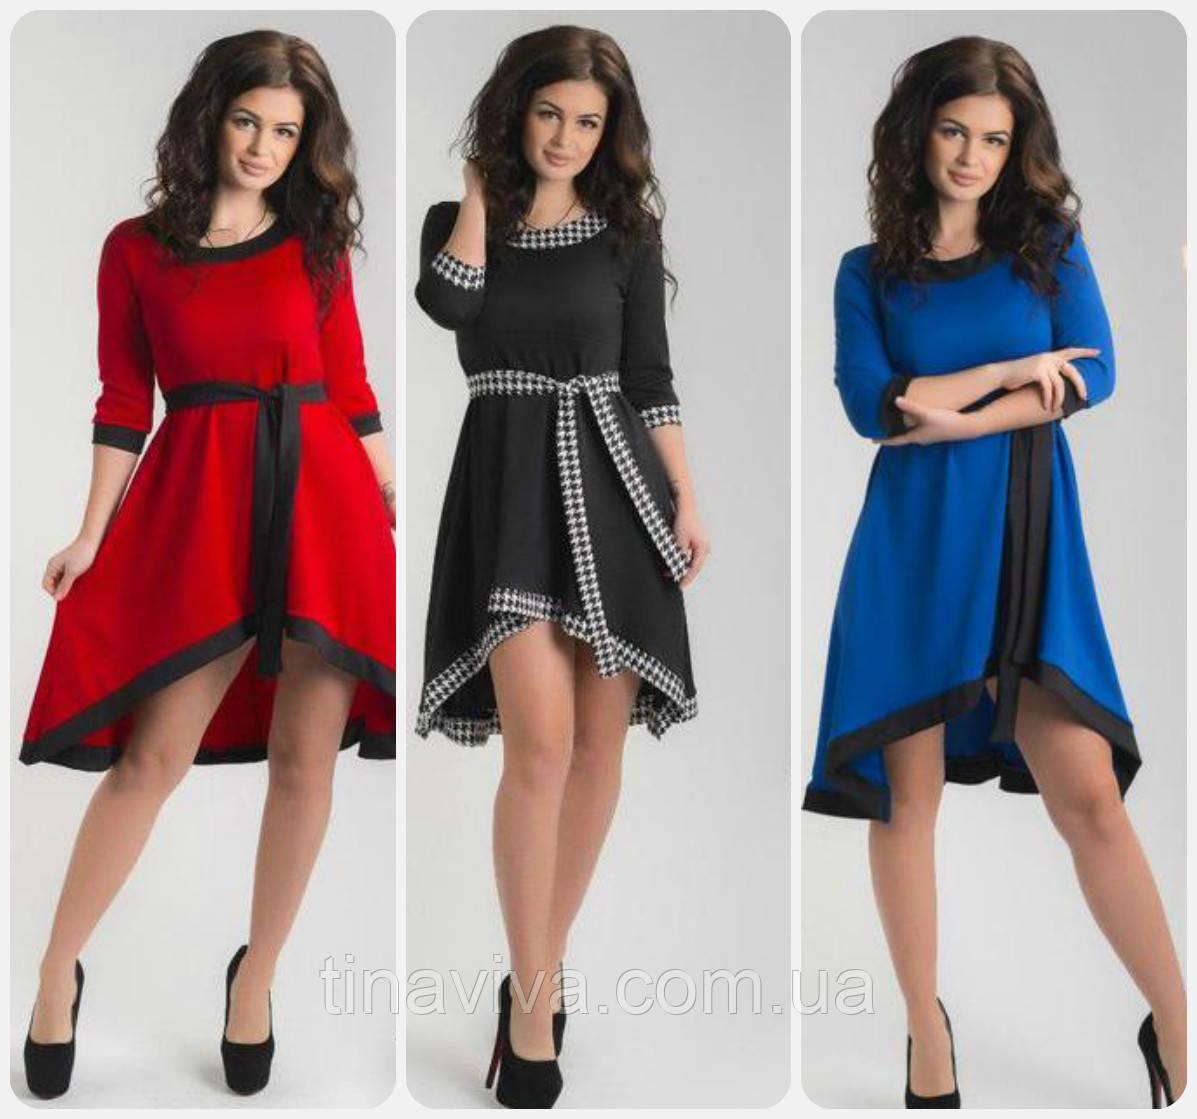 a14a1b8d23d Стильное женское платье ( жіноче плаття )